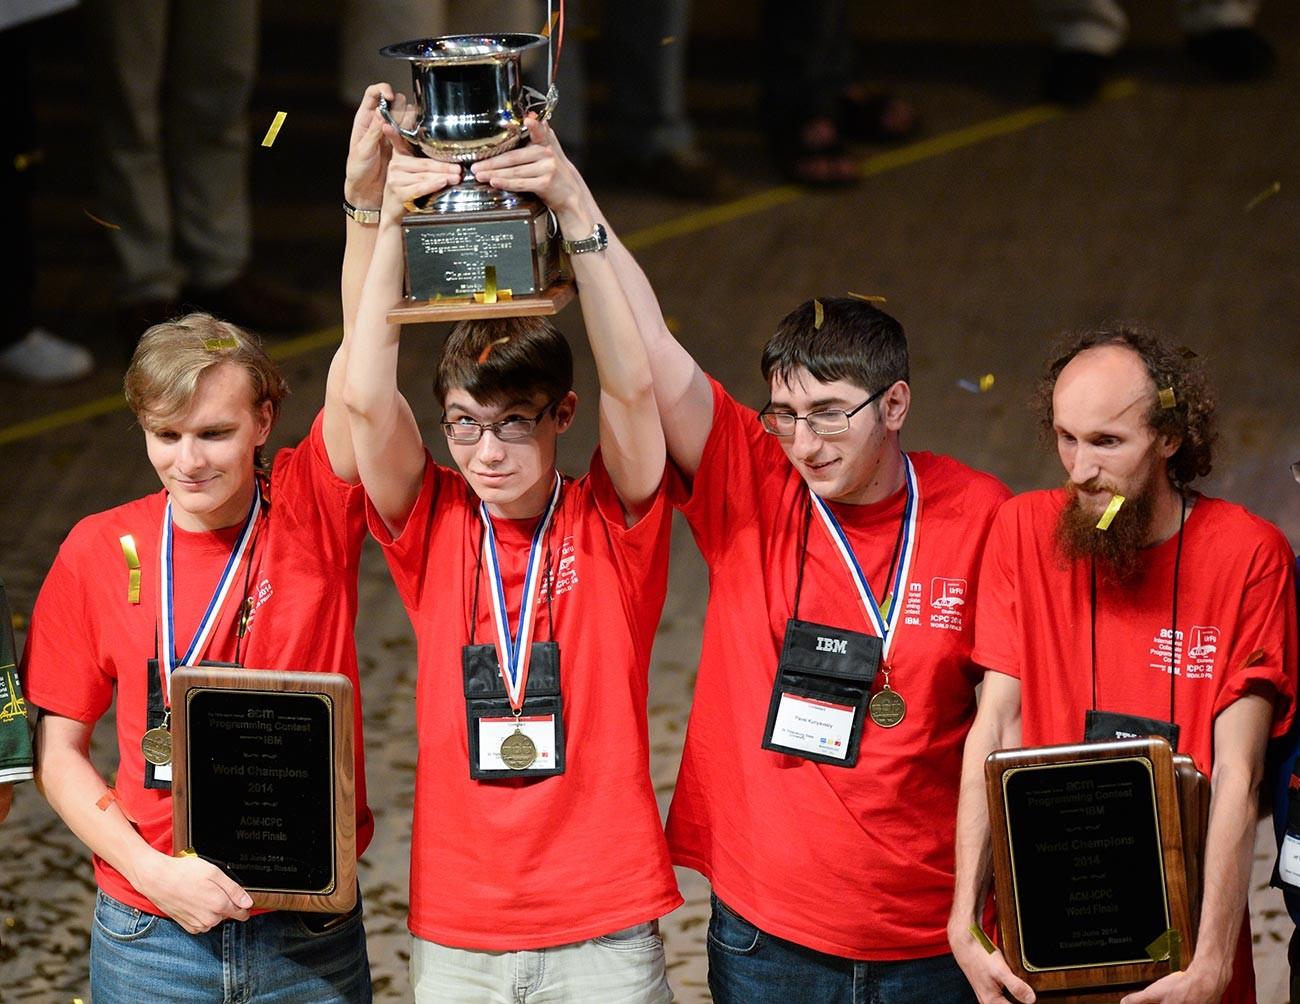 L'équipe de l'Université d'État de Saint-Pétersbourg lors de la cérémonie de décoration des vainqueurs du Concours international de programmation universitaire (ACM ICPC)